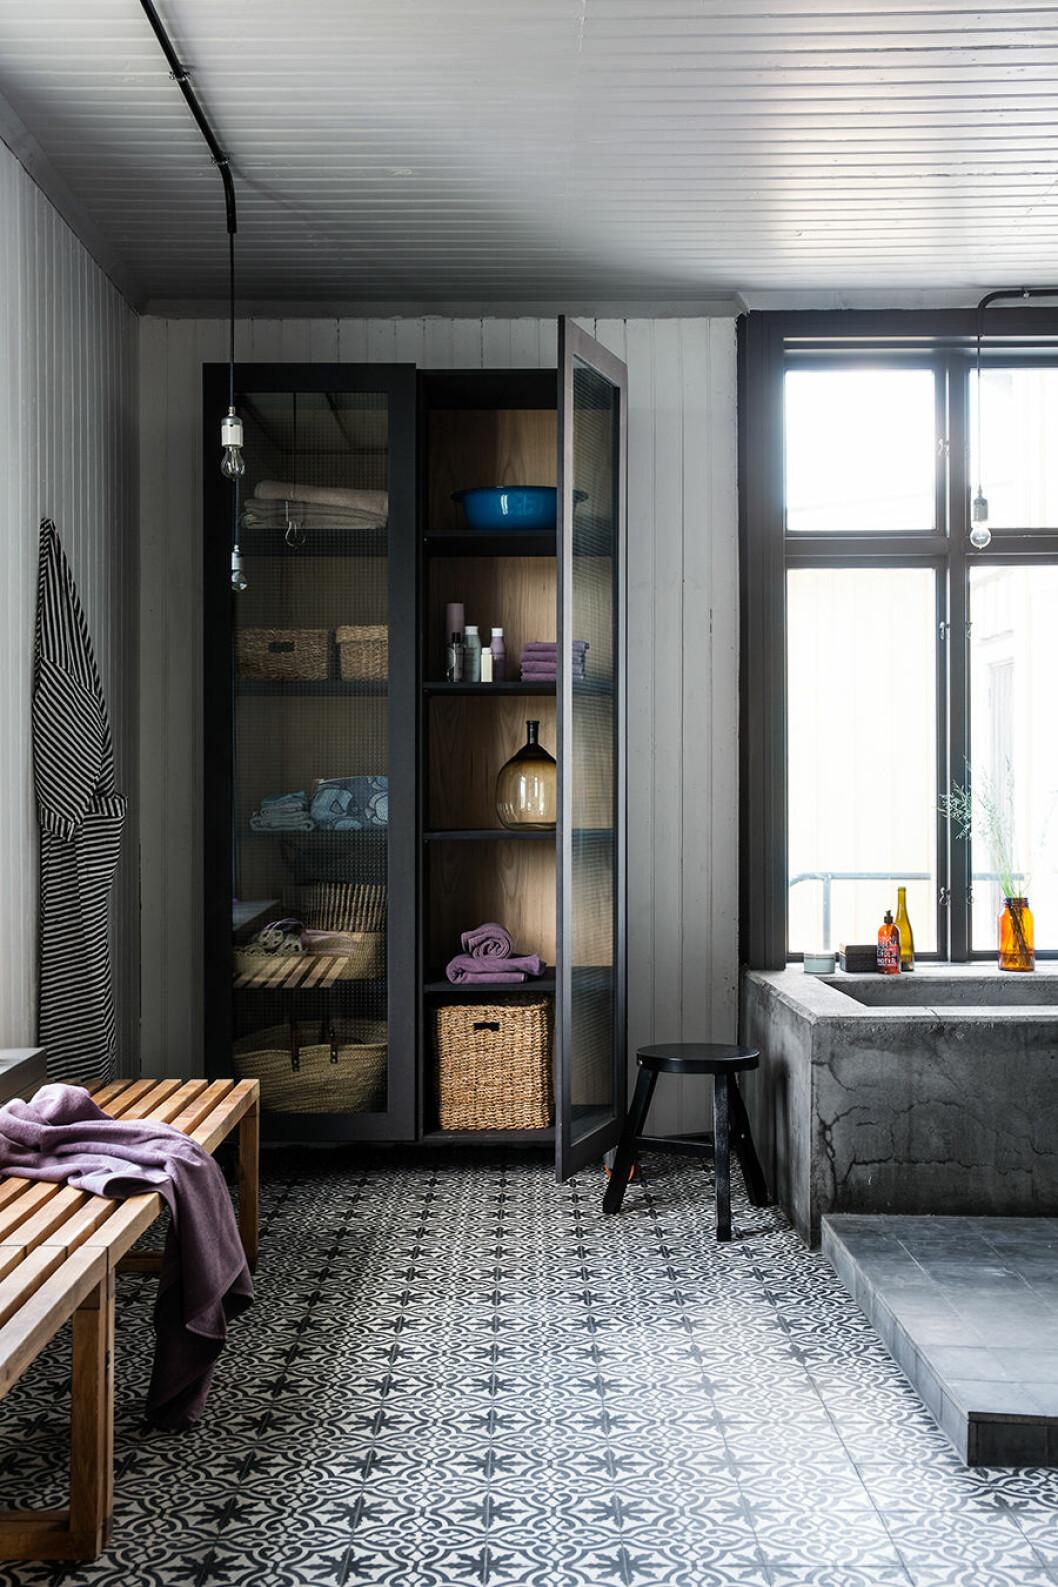 Badrum med mönstrat golv.